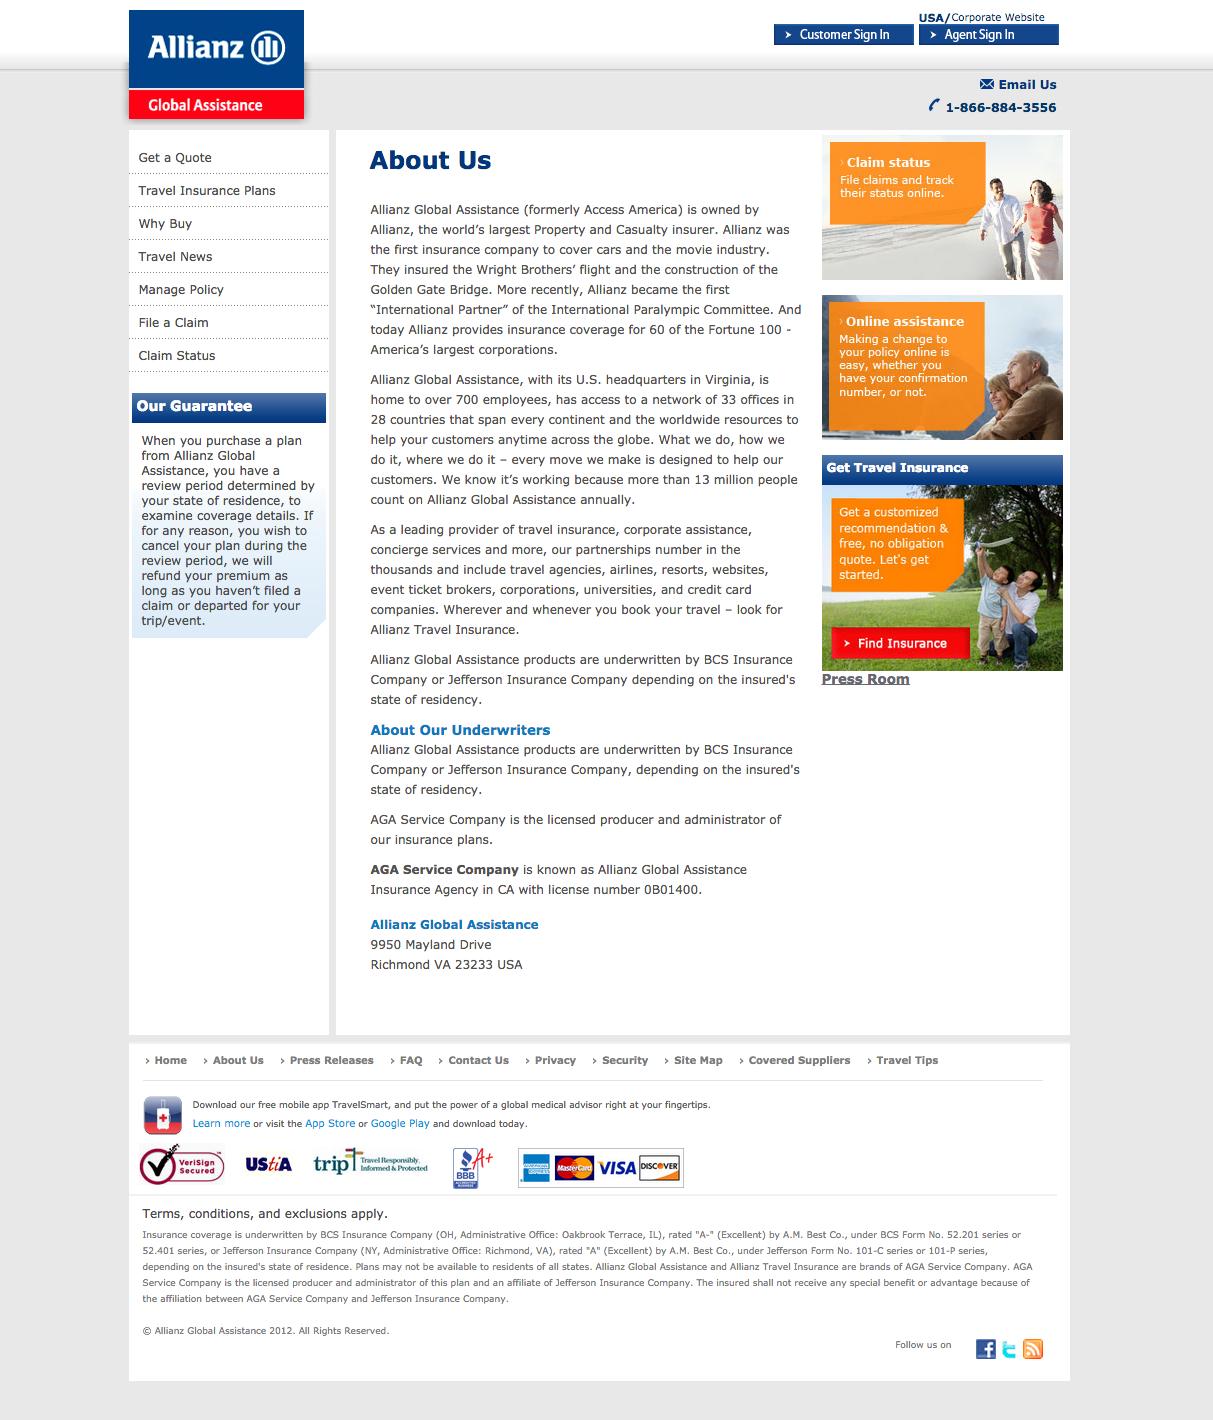 Allianz Travel Insurance Complaints